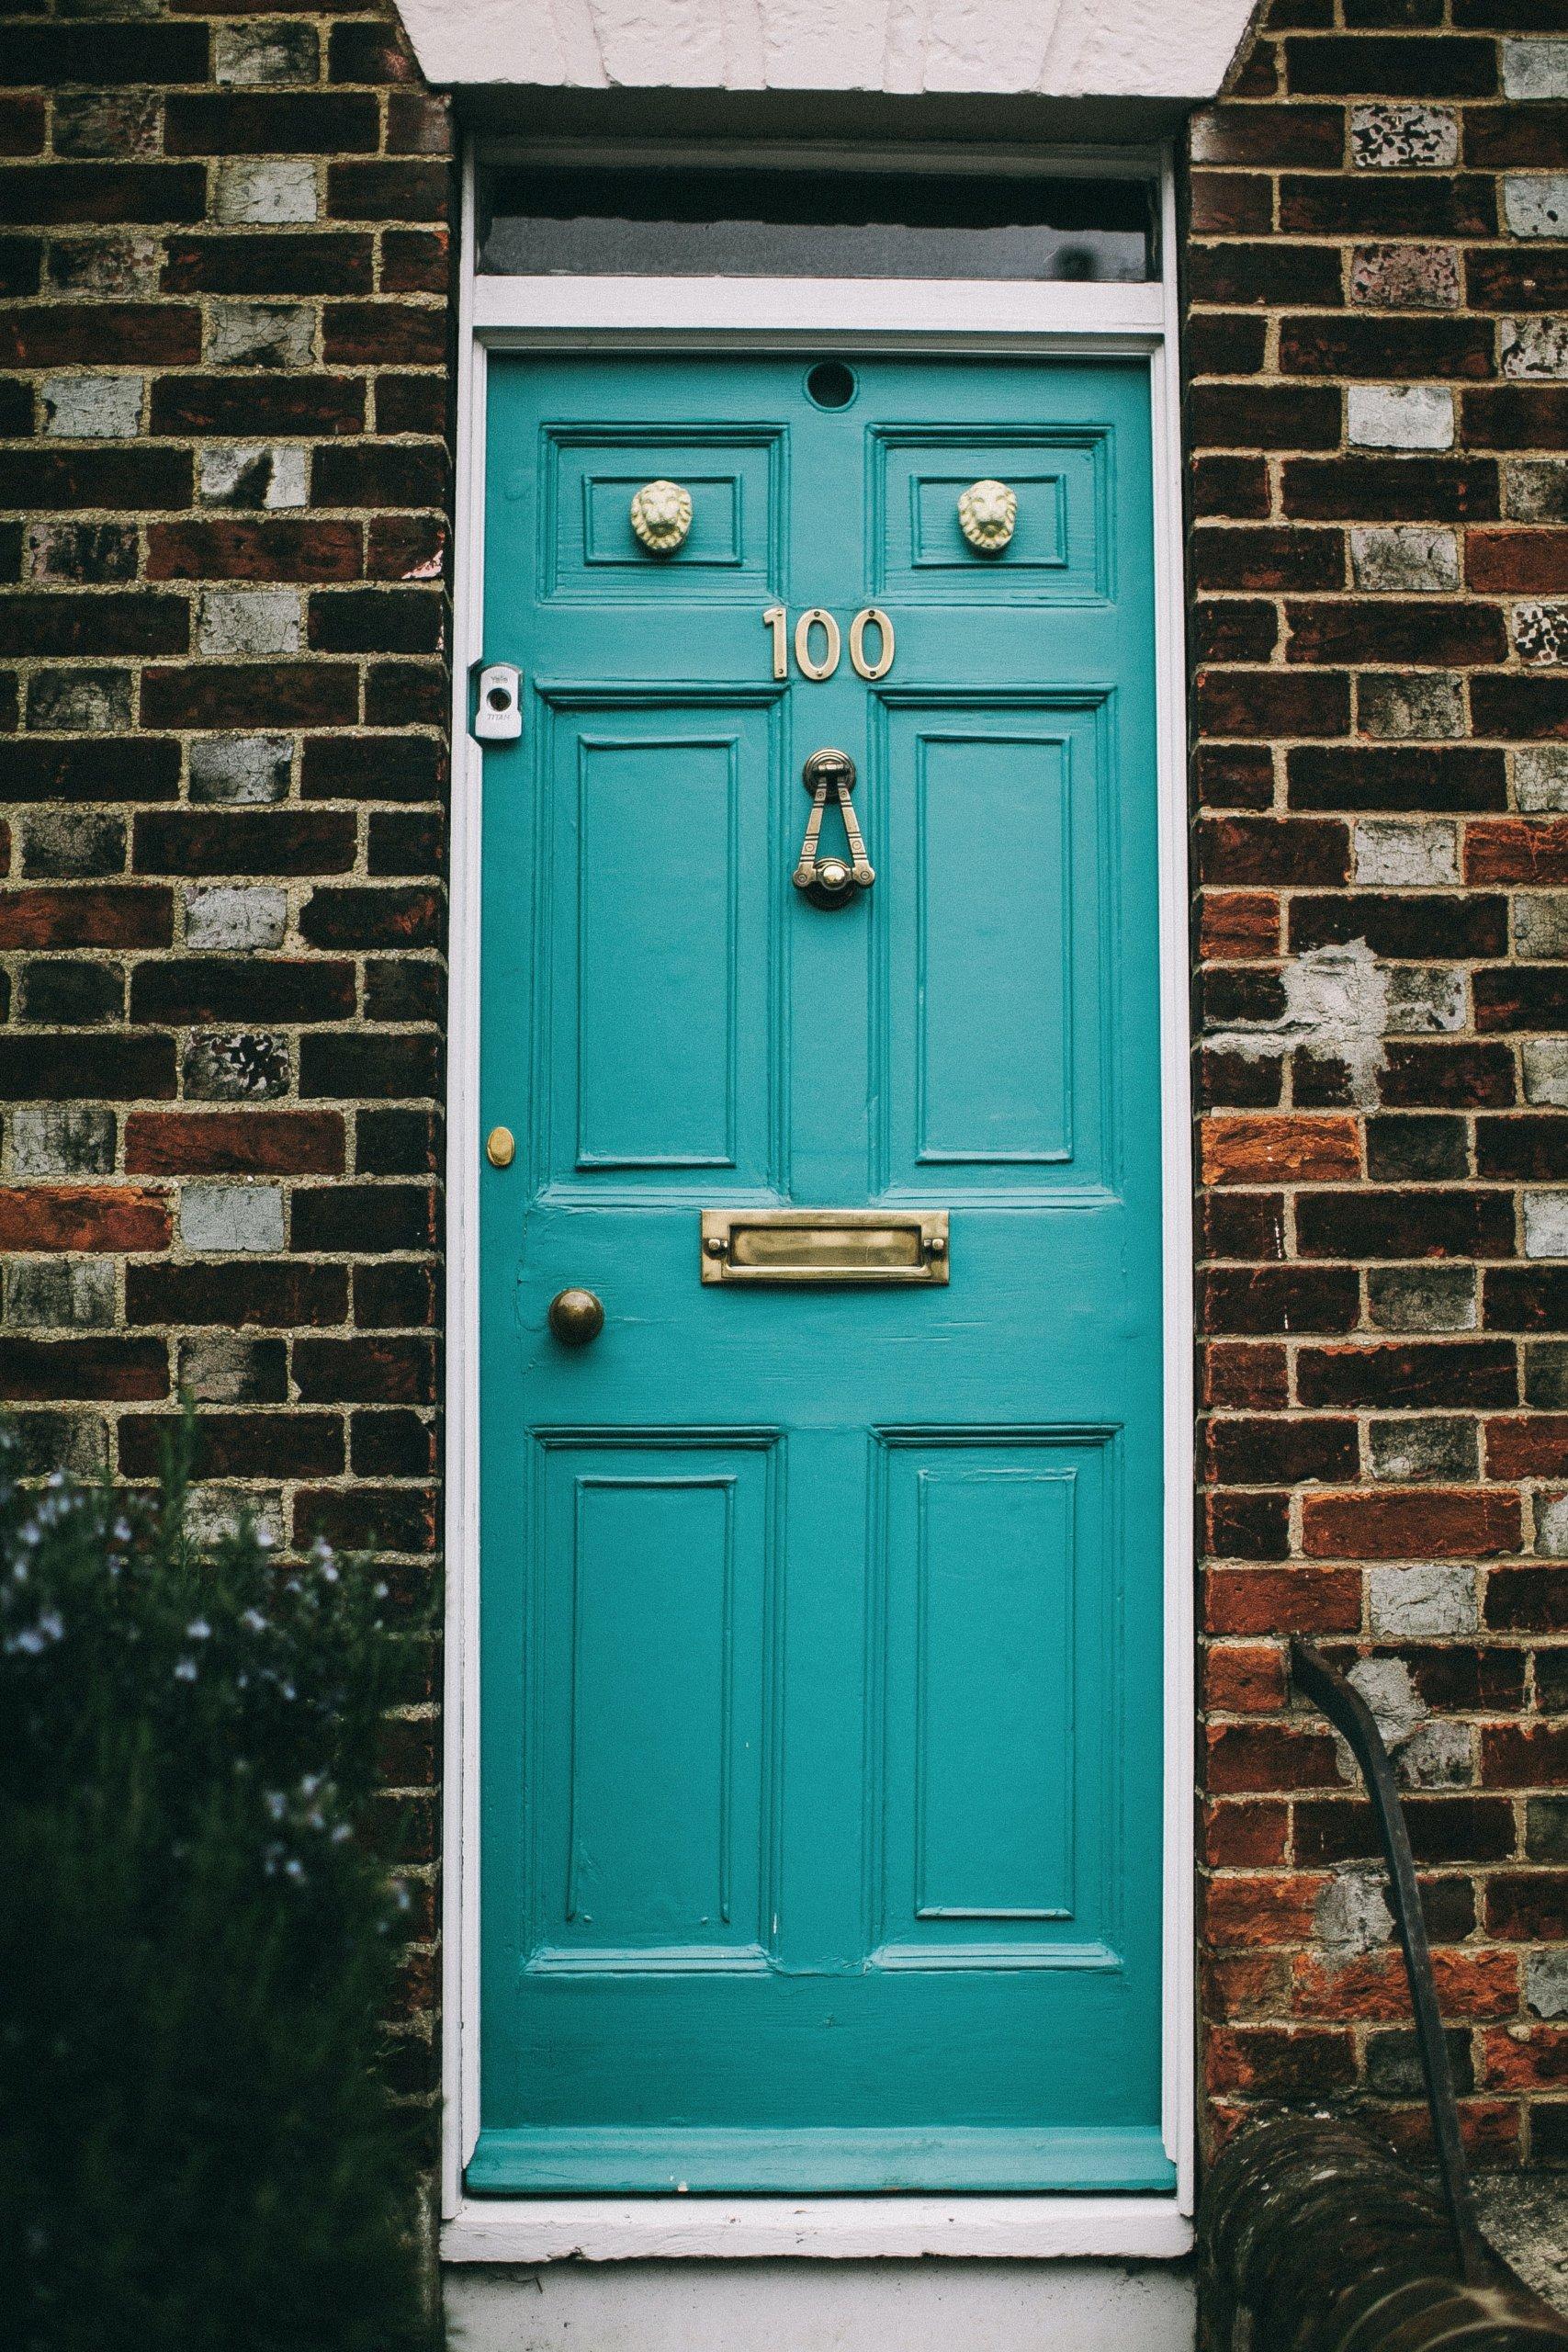 Blue door with door knob and mail slot